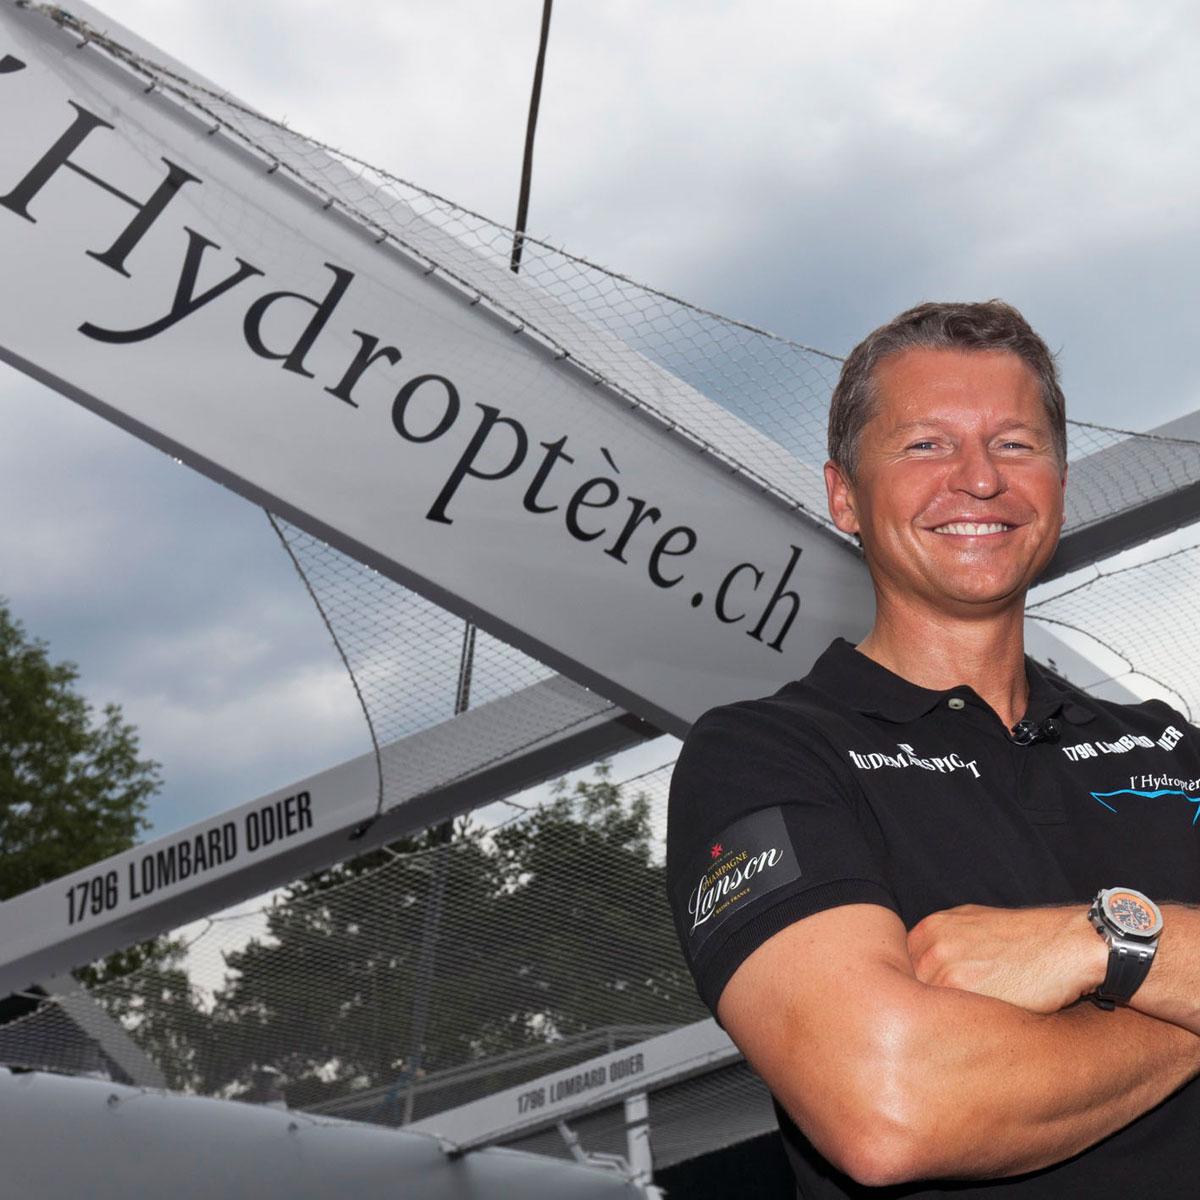 La Cote des Montres : Photo - Audemars Piguet lève le rideau sur l'Hydroptère.ch